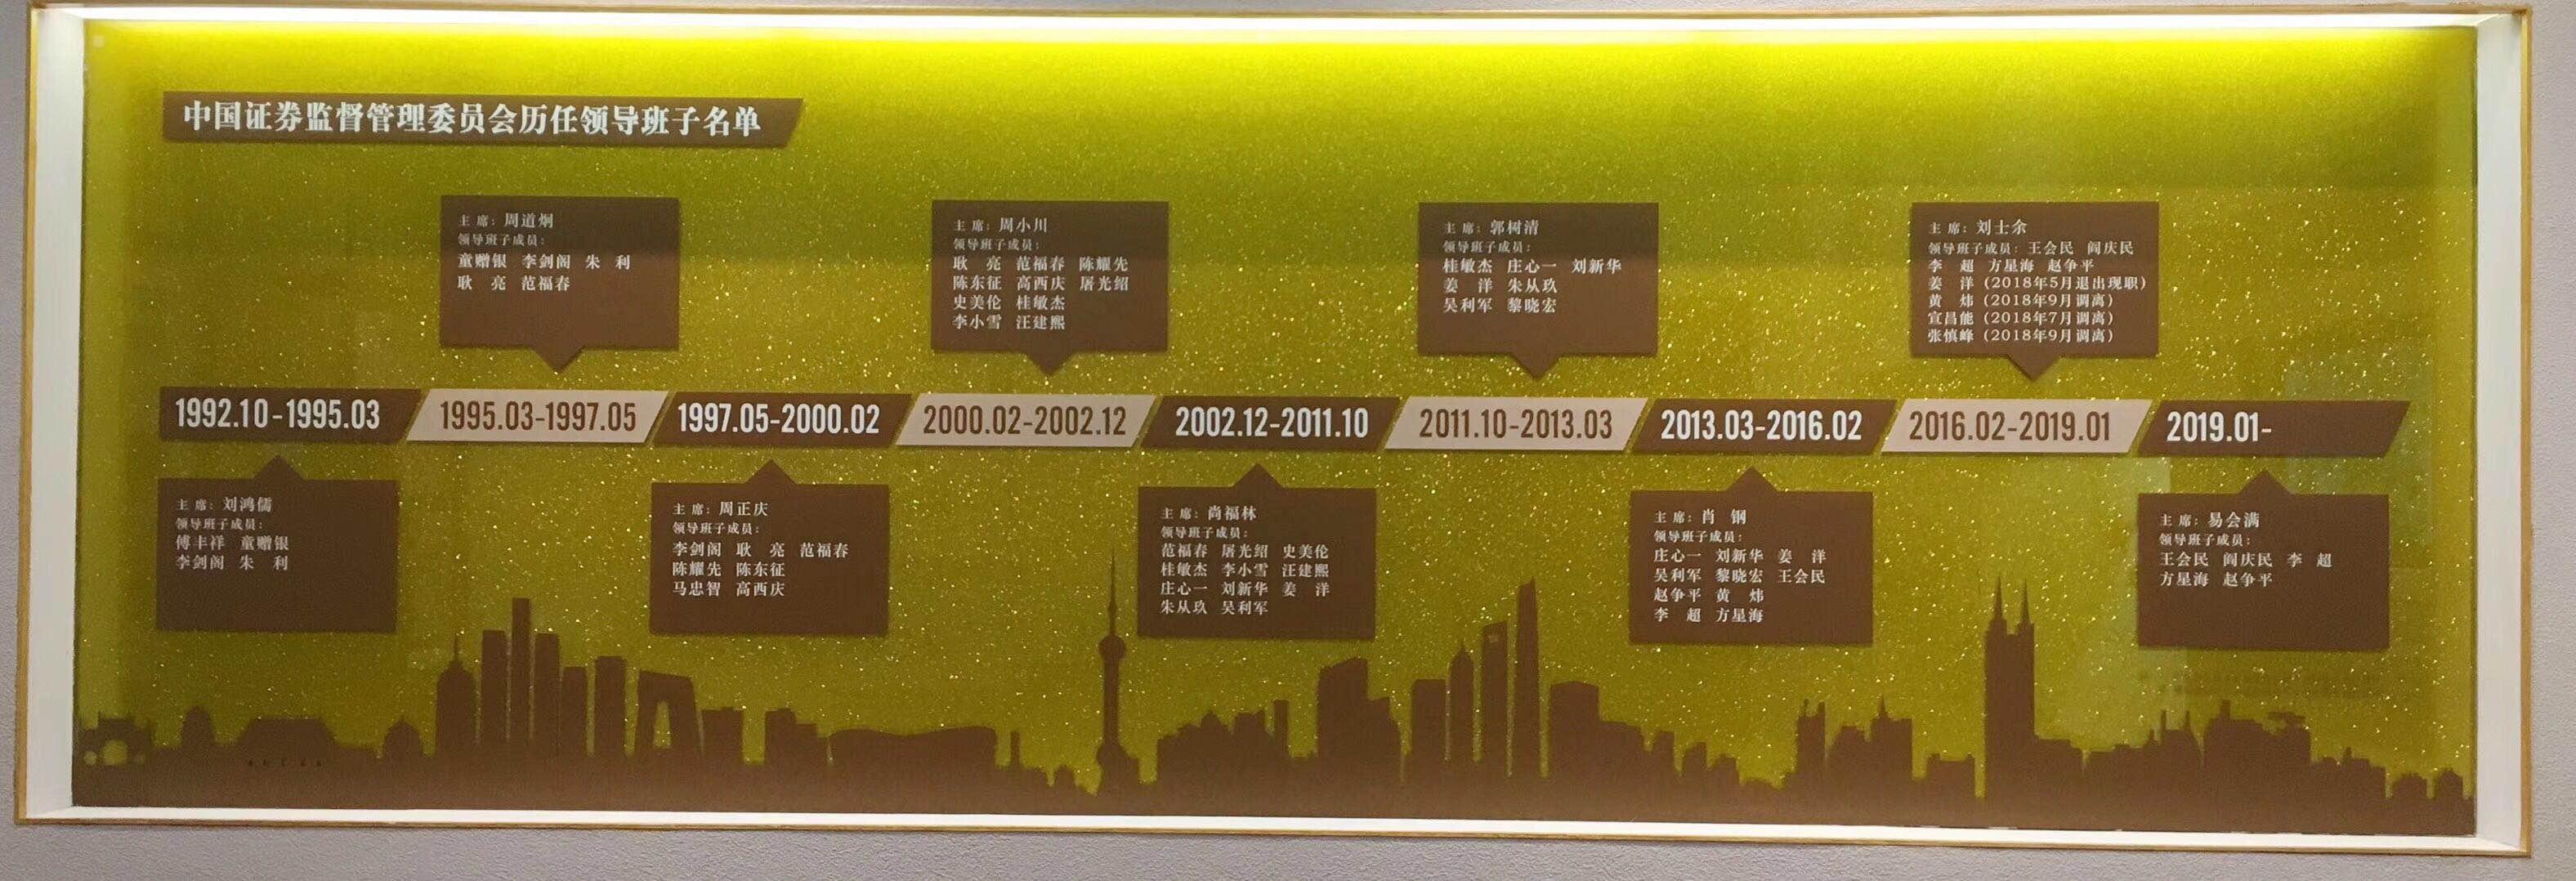 中国证监会历任主席,第一财经记者摄于中国证券博物馆